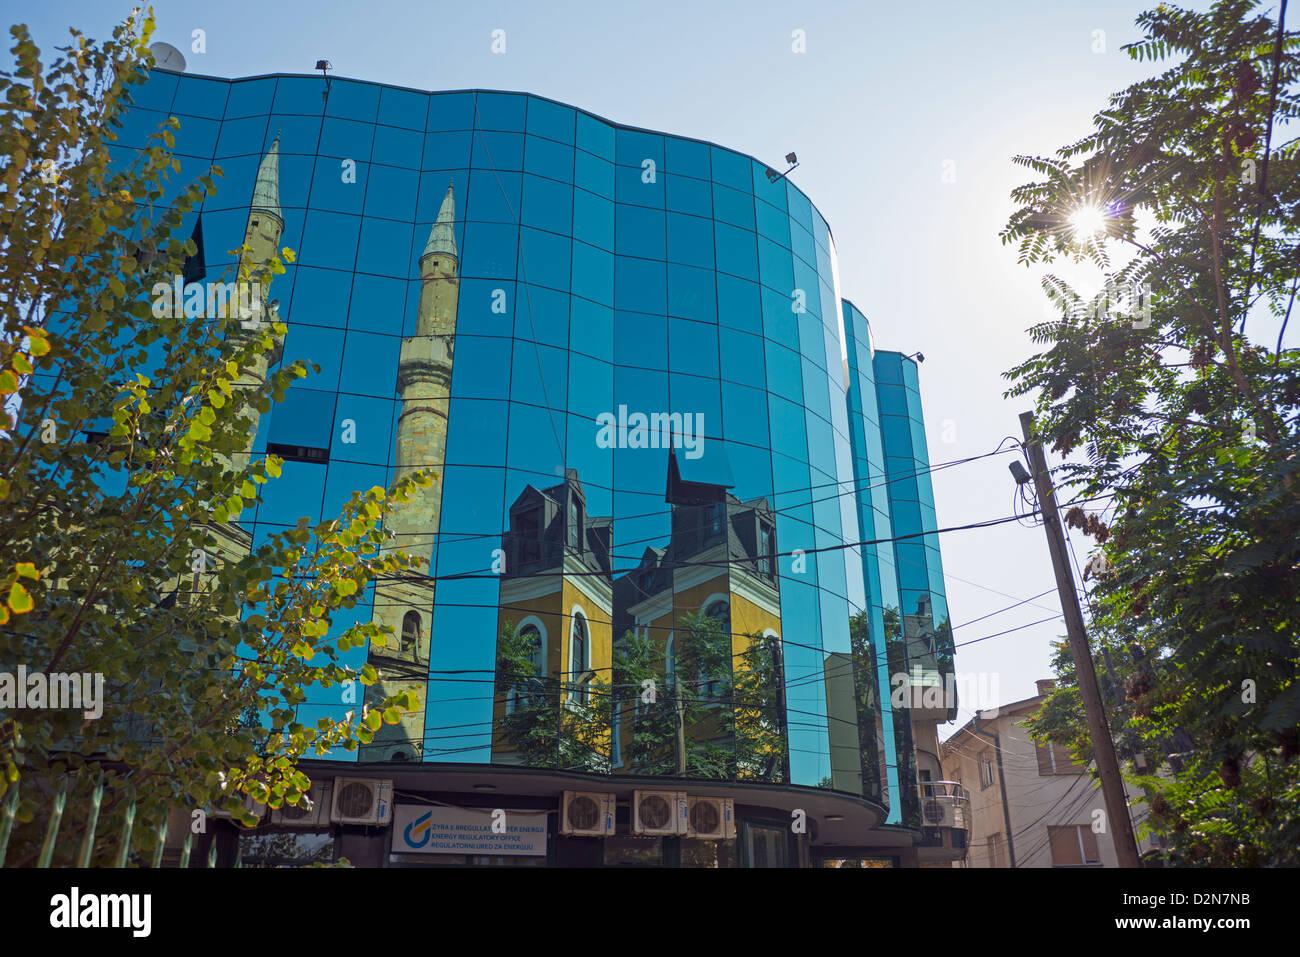 Kosovo Pristina Building Fotos e Imágenes de stock - Alamy